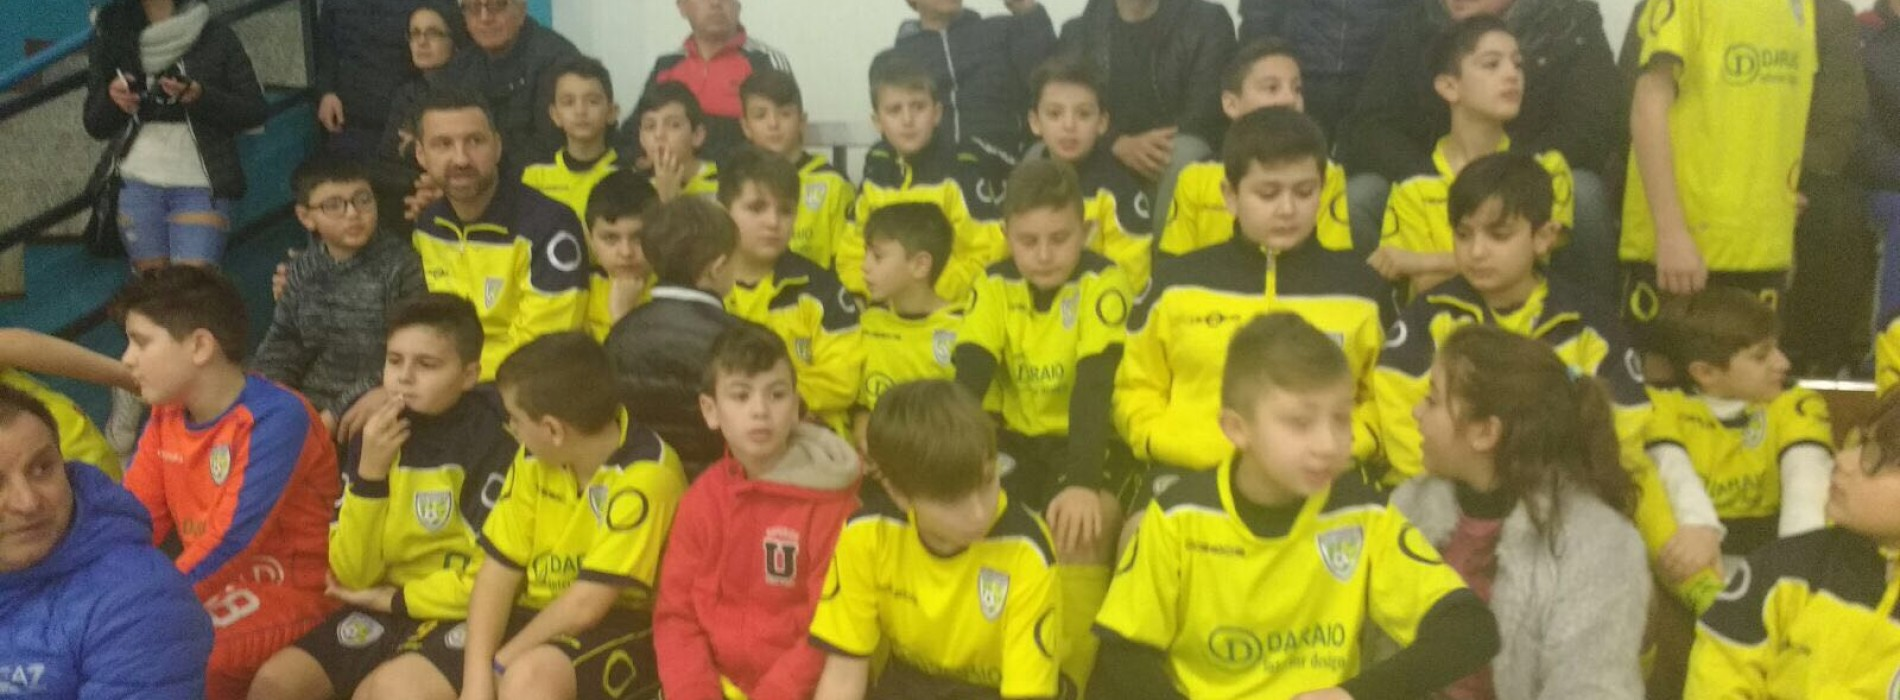 Un successo il Futsal Day  a Grassano